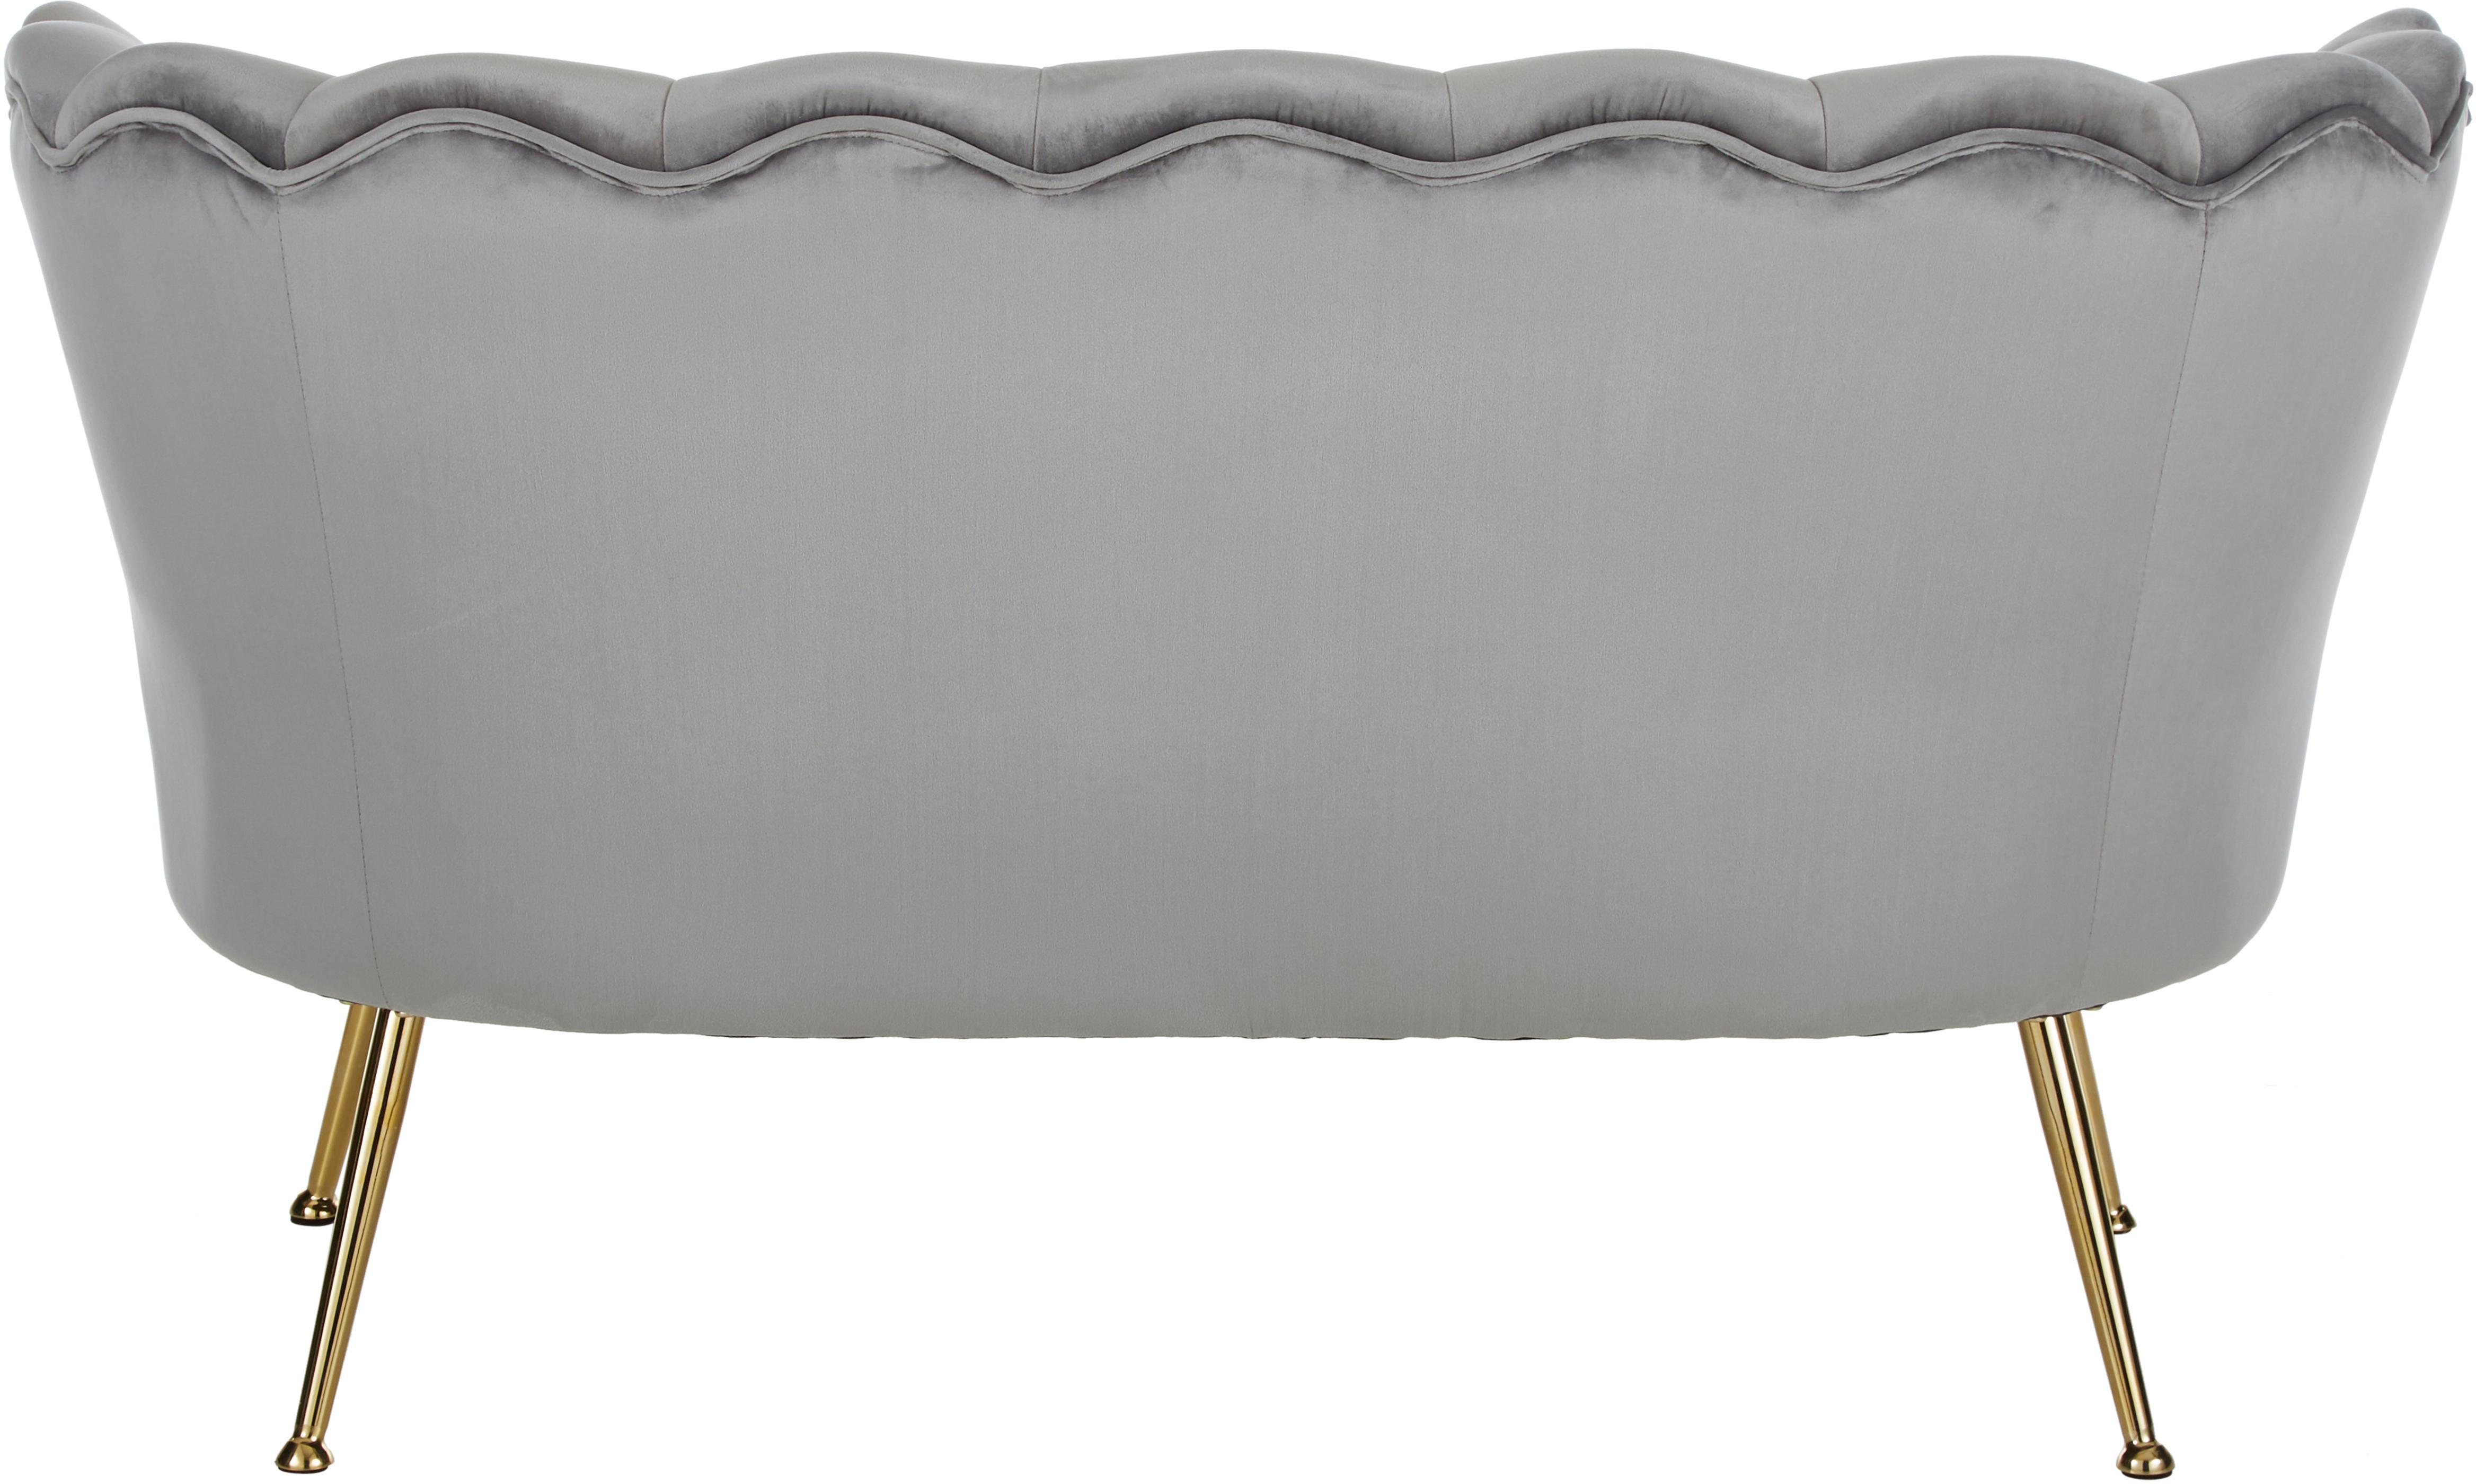 Divano vintage 2 posti in velluto grigio Oyster, Rivestimento: velluto (poliestere) 20.0, Struttura: legno di pioppo massiccio, Seduta: imbottitura in schiuma, f, Piedini: metallo zincato, Grigio, Larg. 131 x Prof. 78 cm